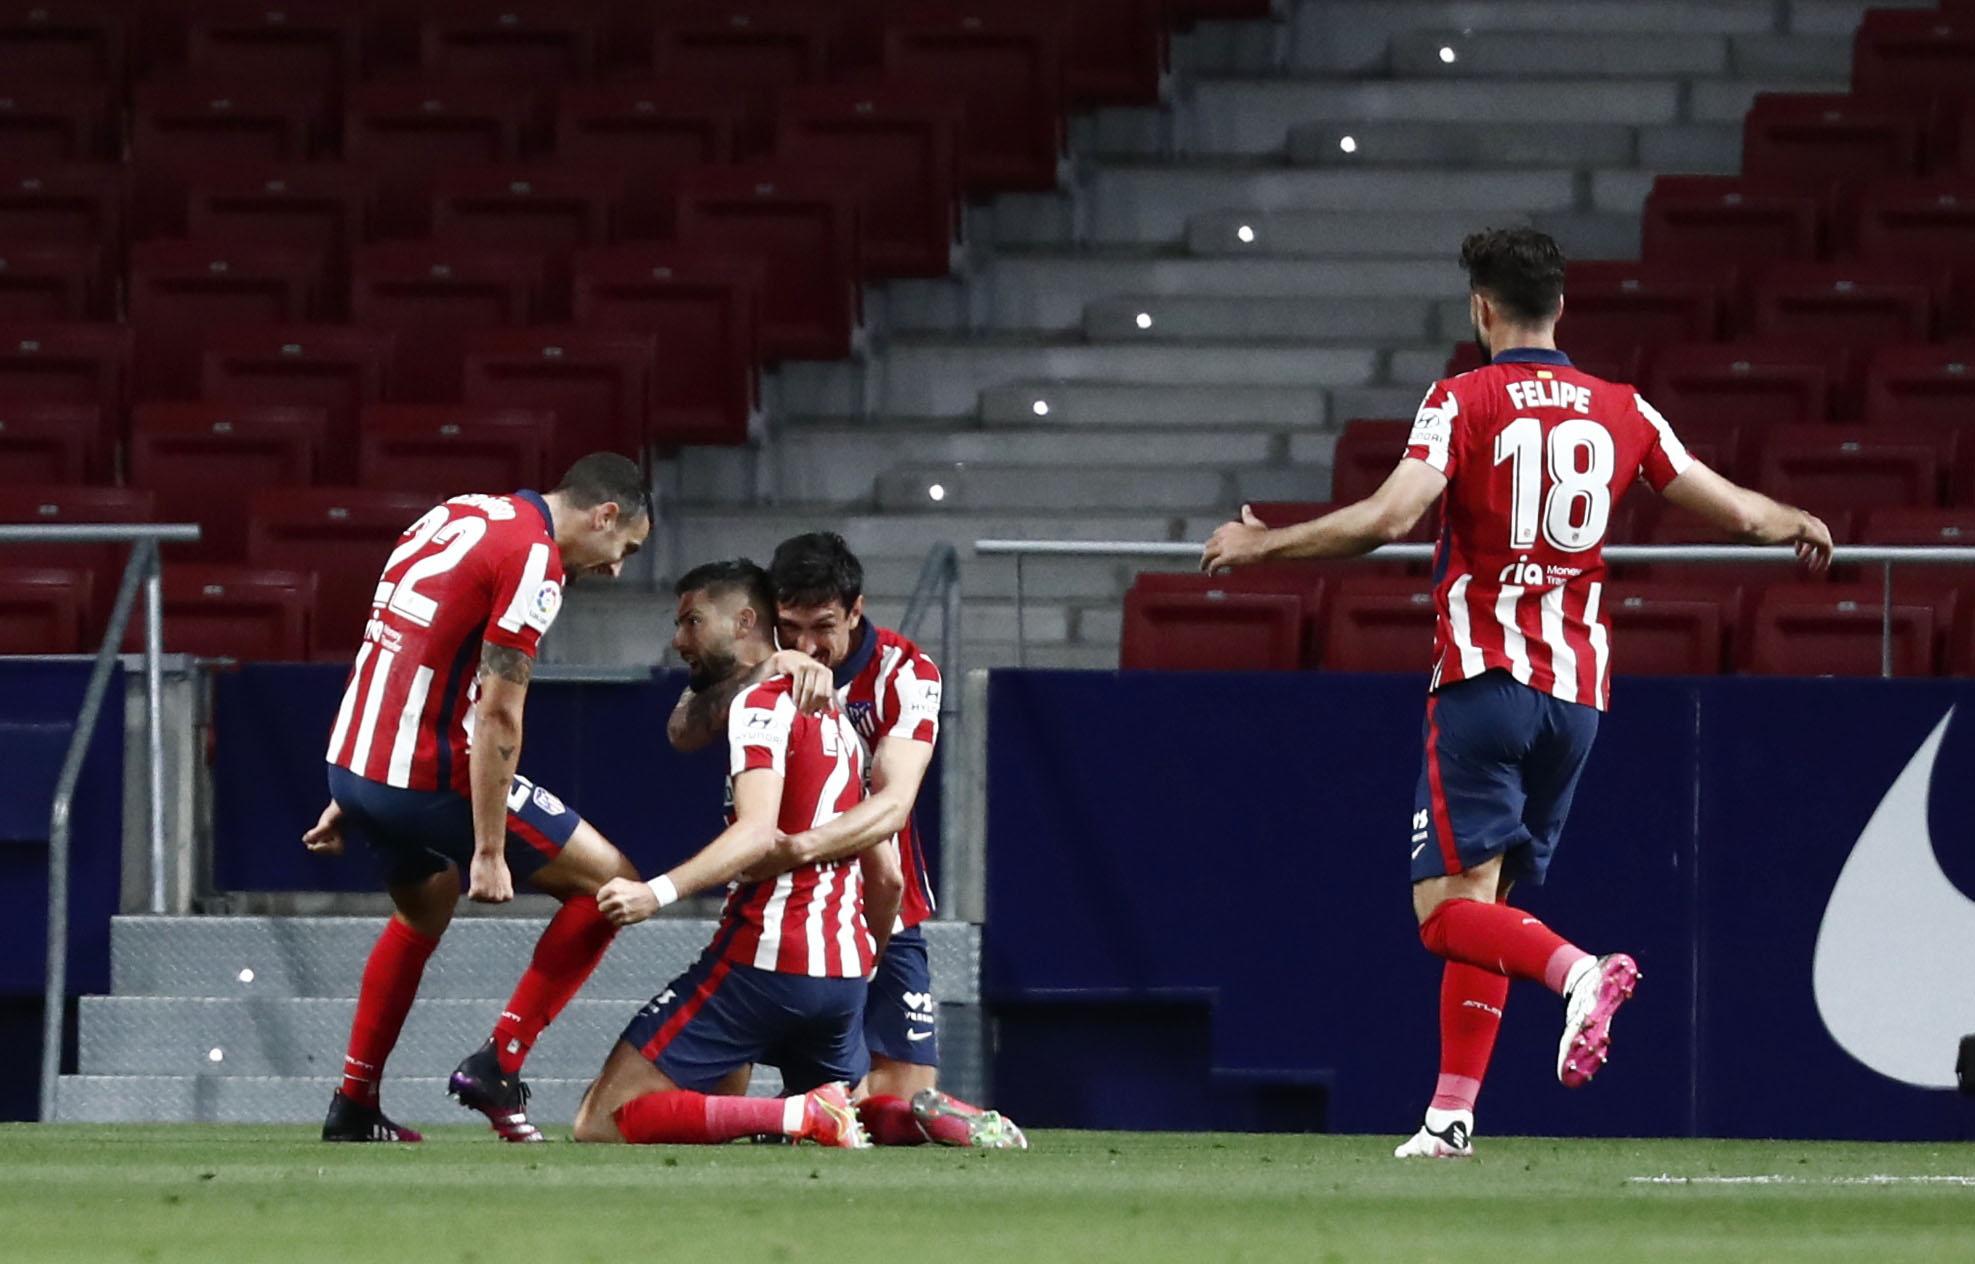 Η Ατλέτικο Μαδρίτης έκανε «βήμα» τίτλου στην Ισπανία